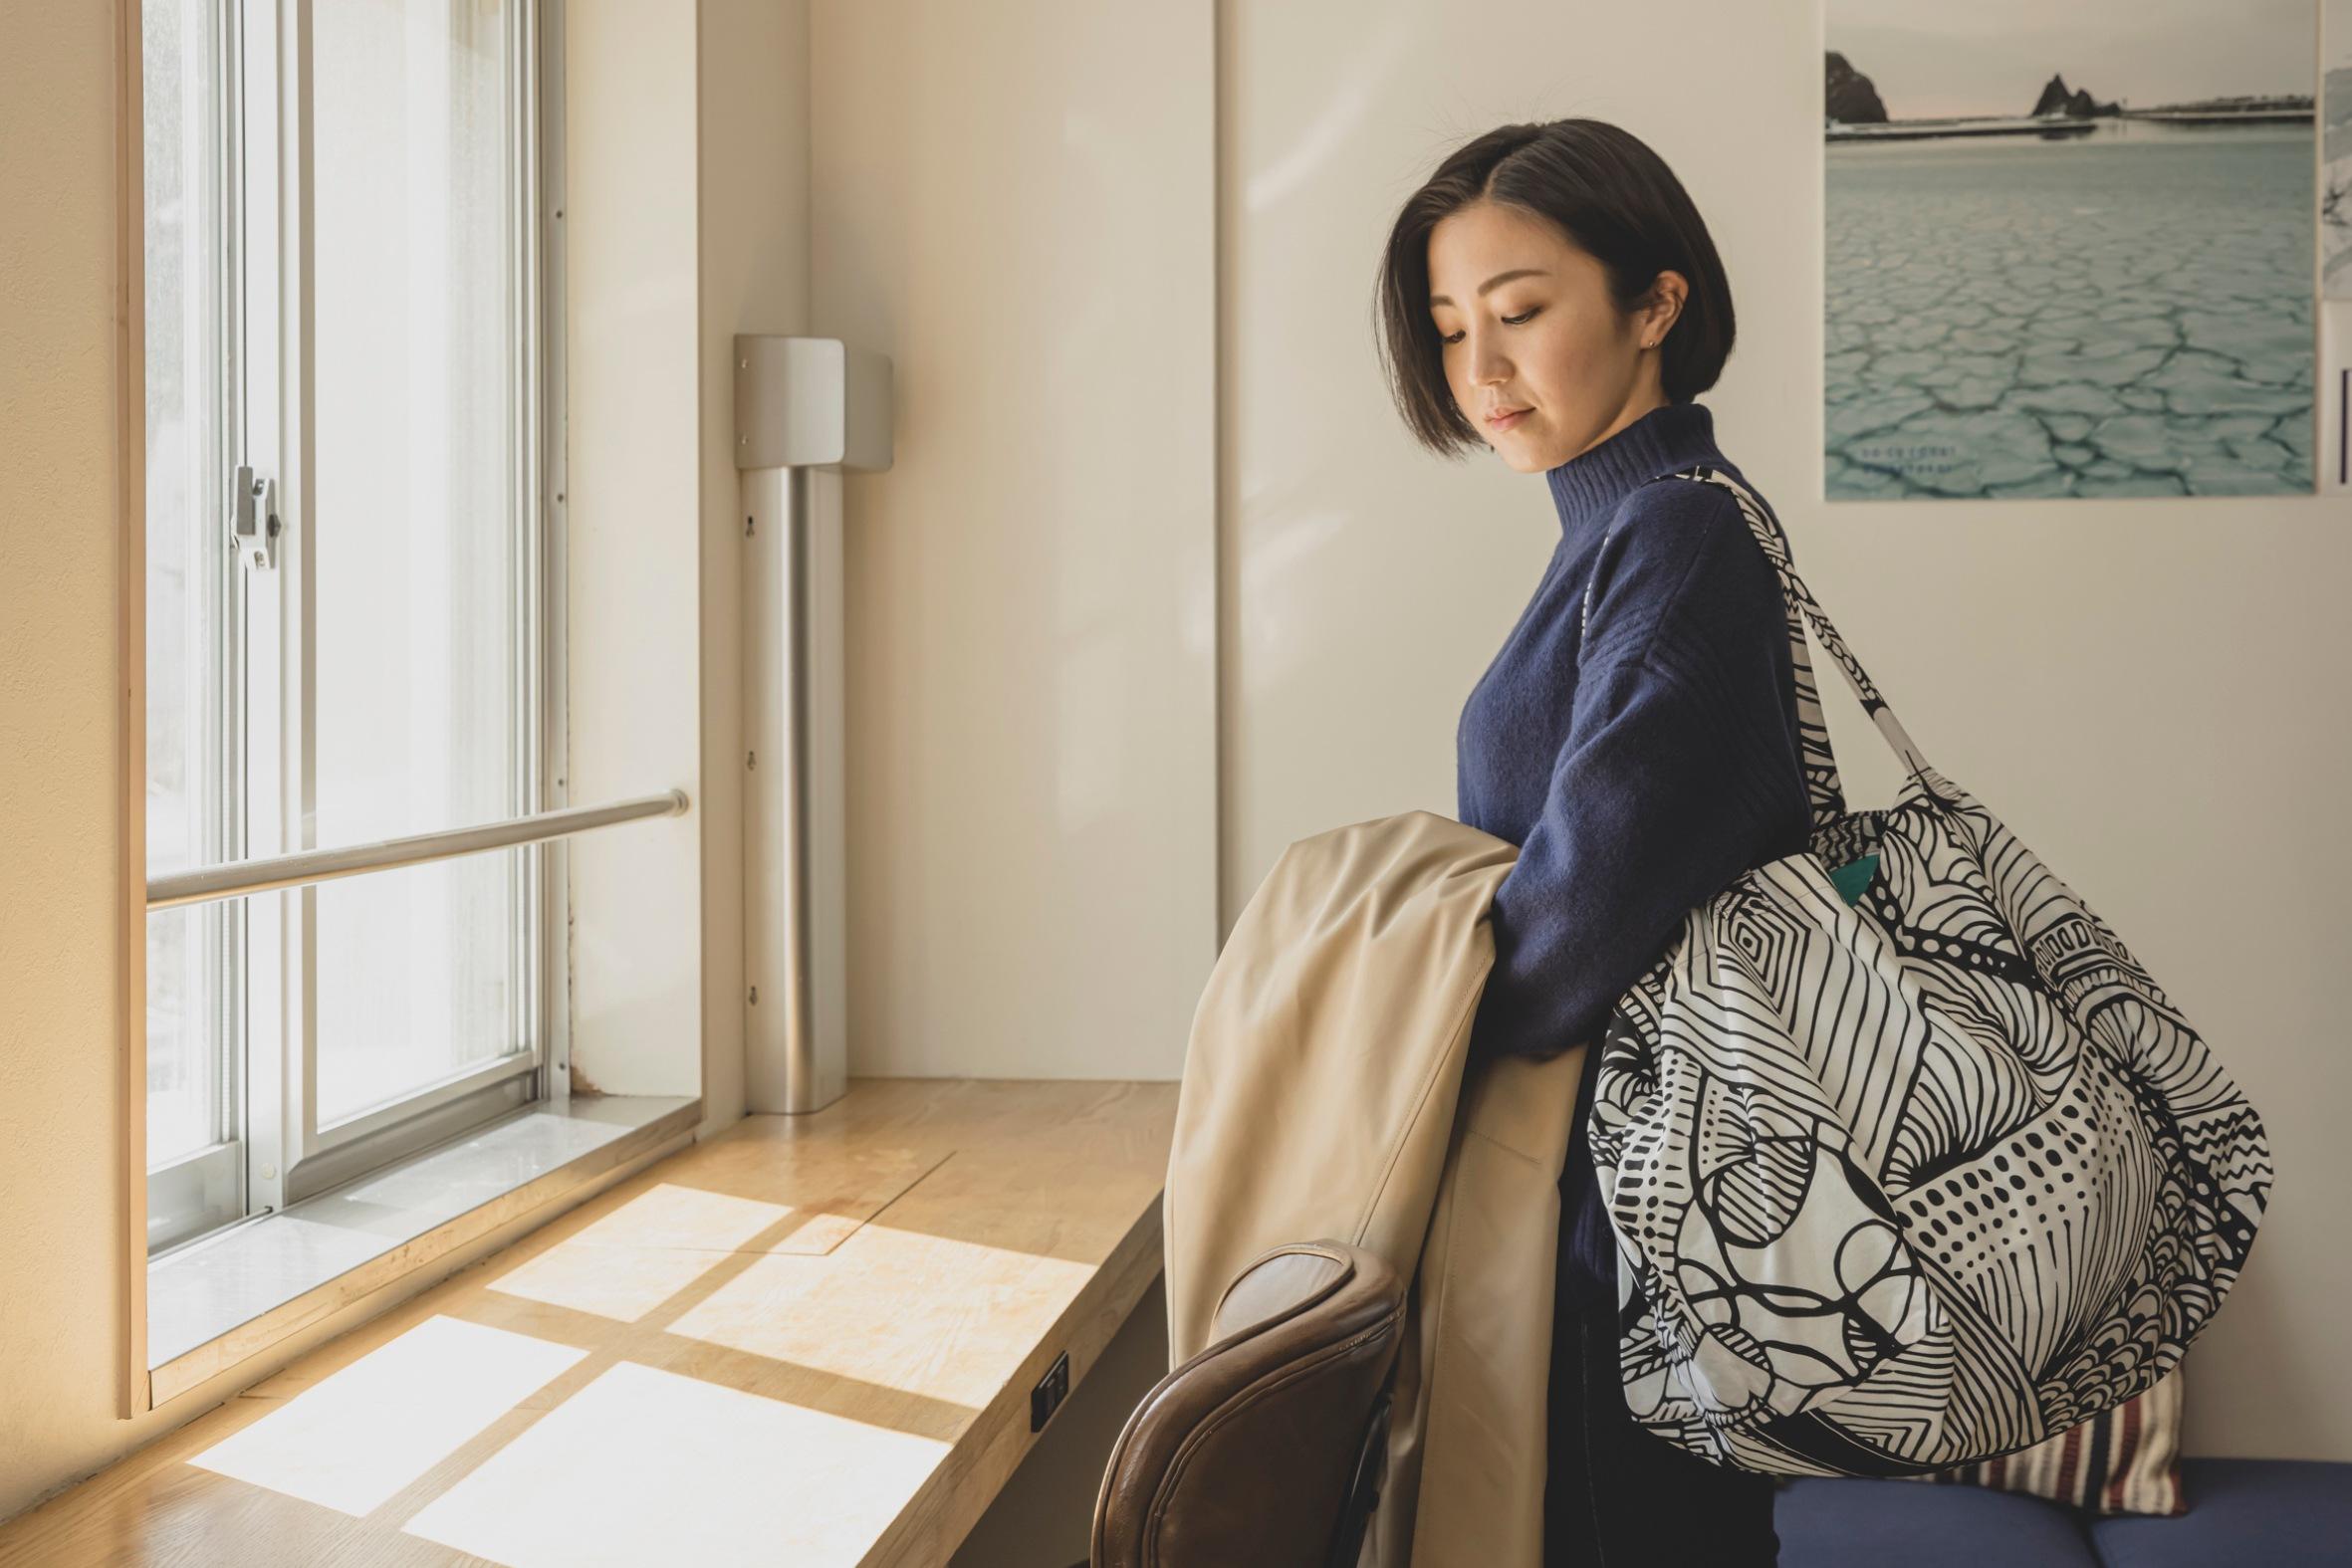 札幌市のプロダクトデザインブランドmonmecci(モンメッチ)の大きな幾何学模様バッグ,ハンドメイド,札幌スタイル認証製品